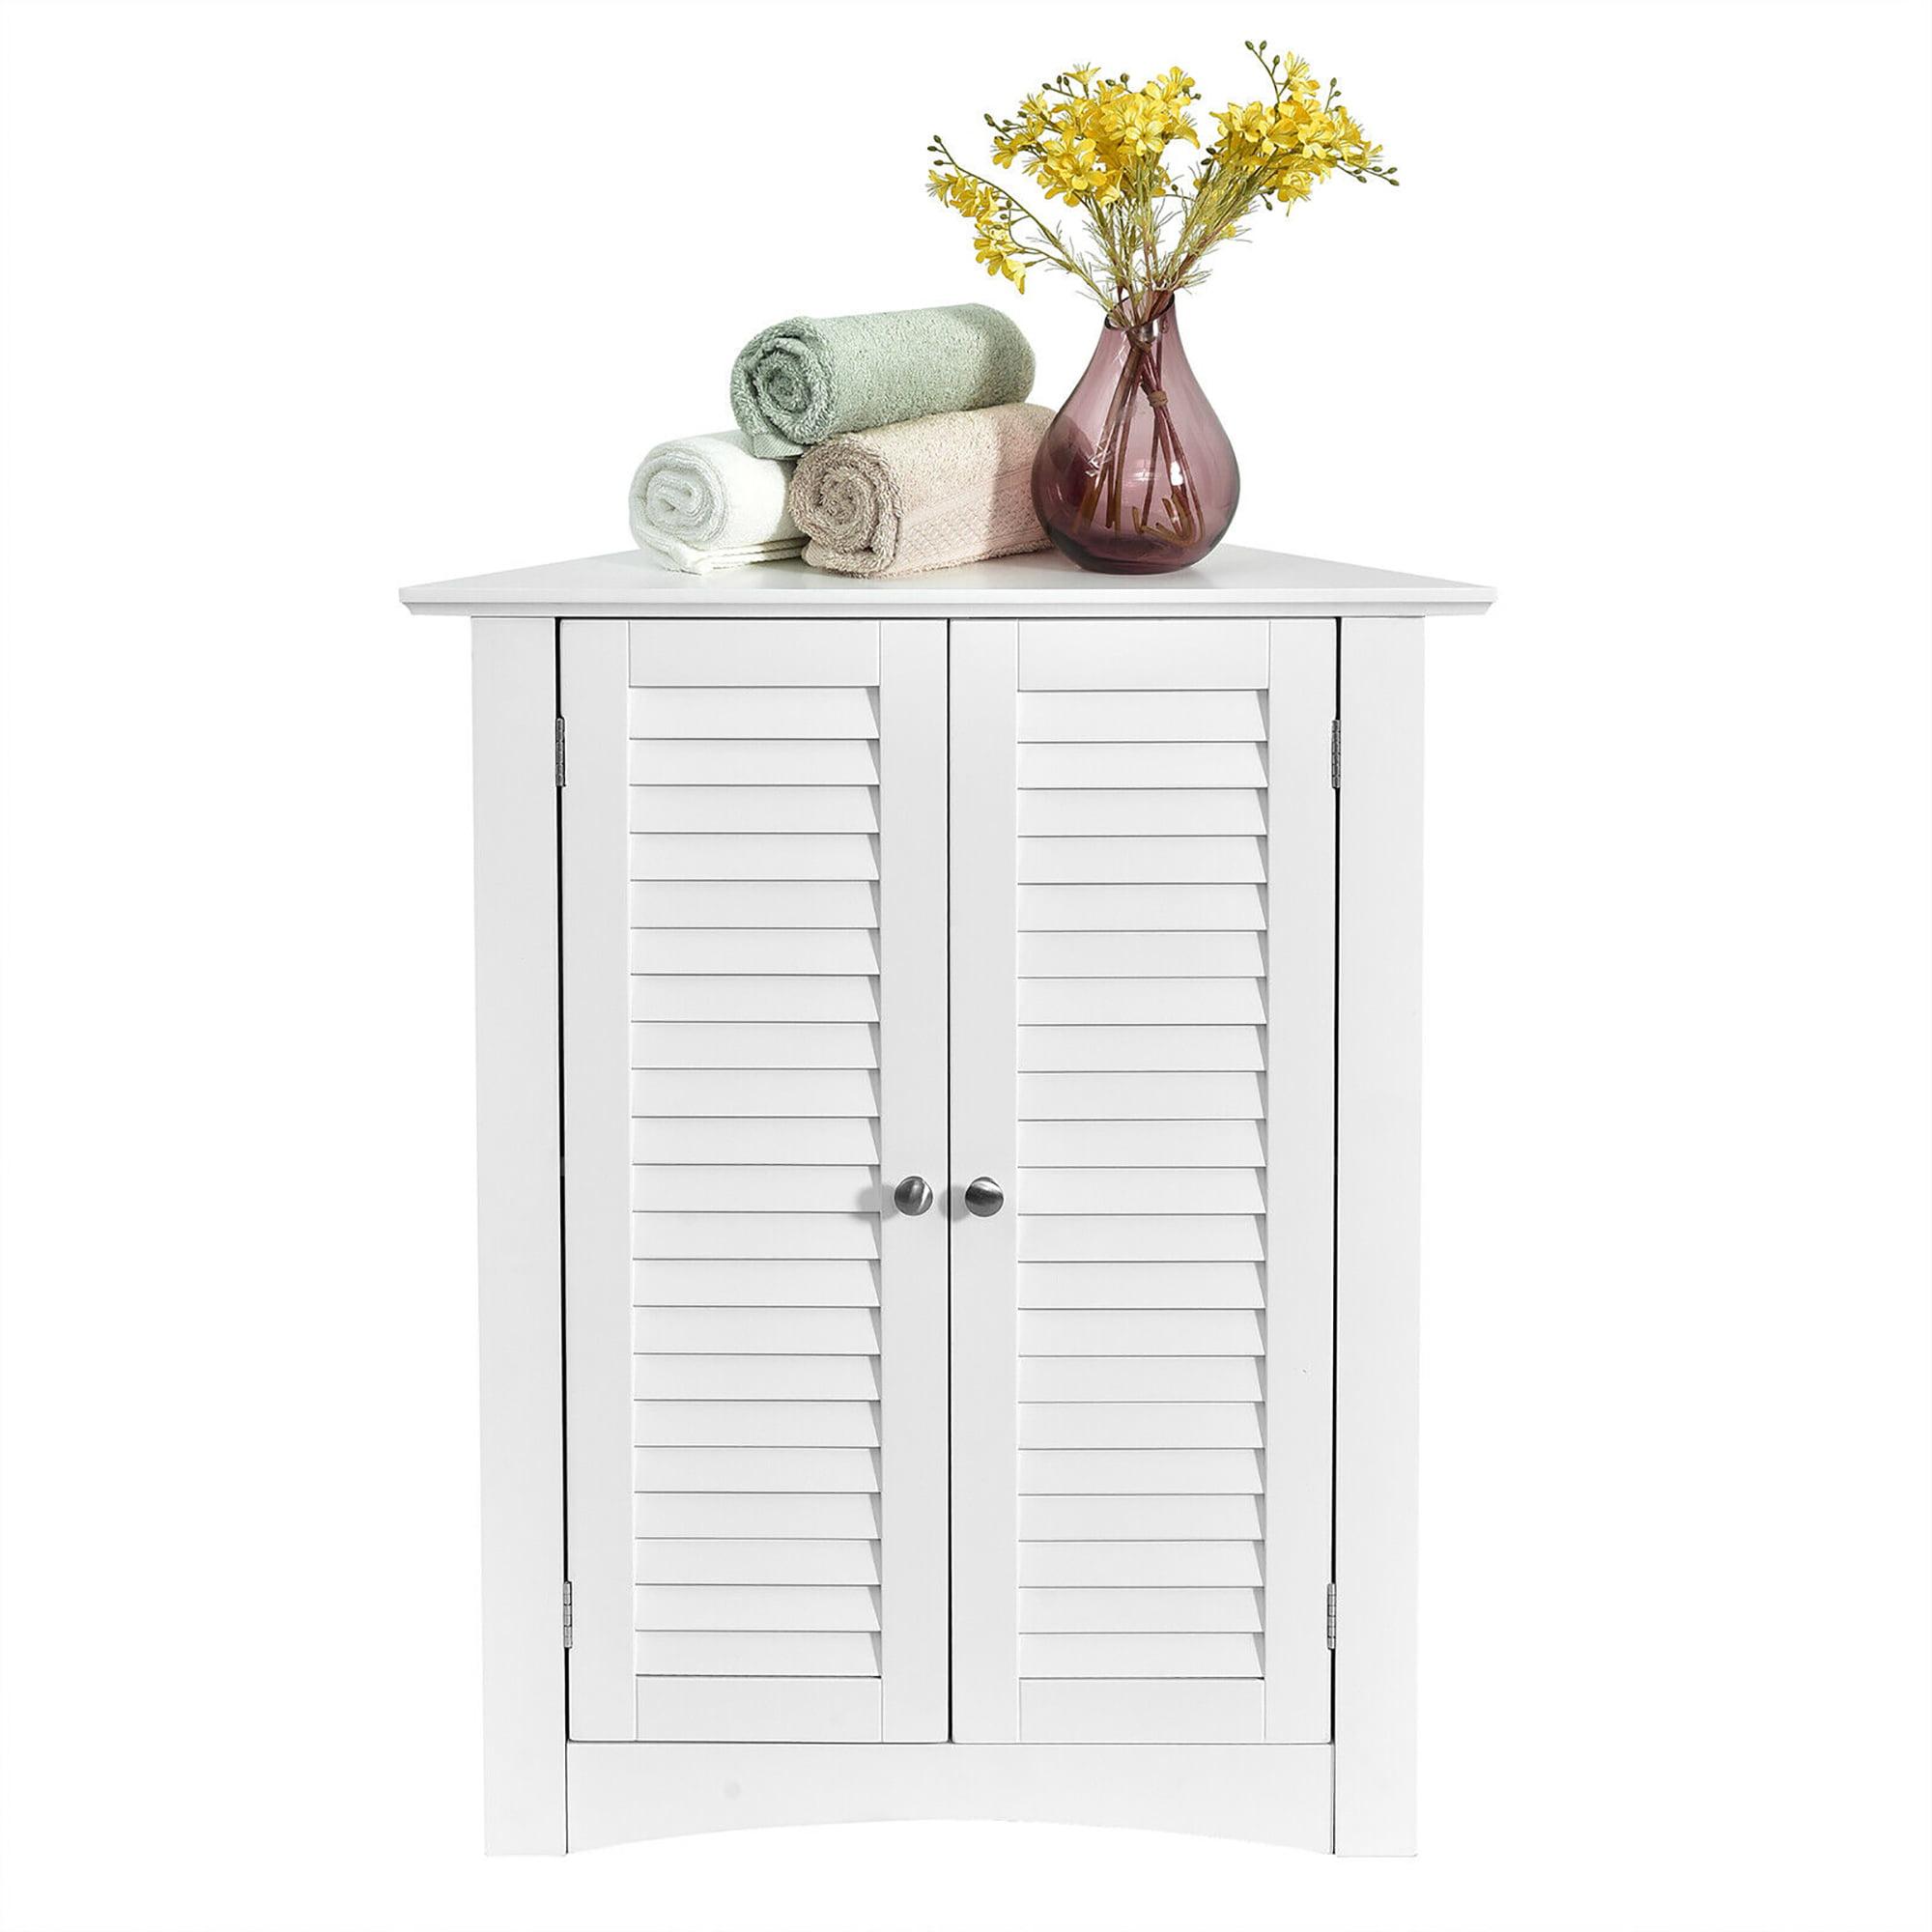 Costway Corner Storage Cabinet Freestanding Floor Cabinet Bathroom W Shutter Door White Walmart Com Walmart Com